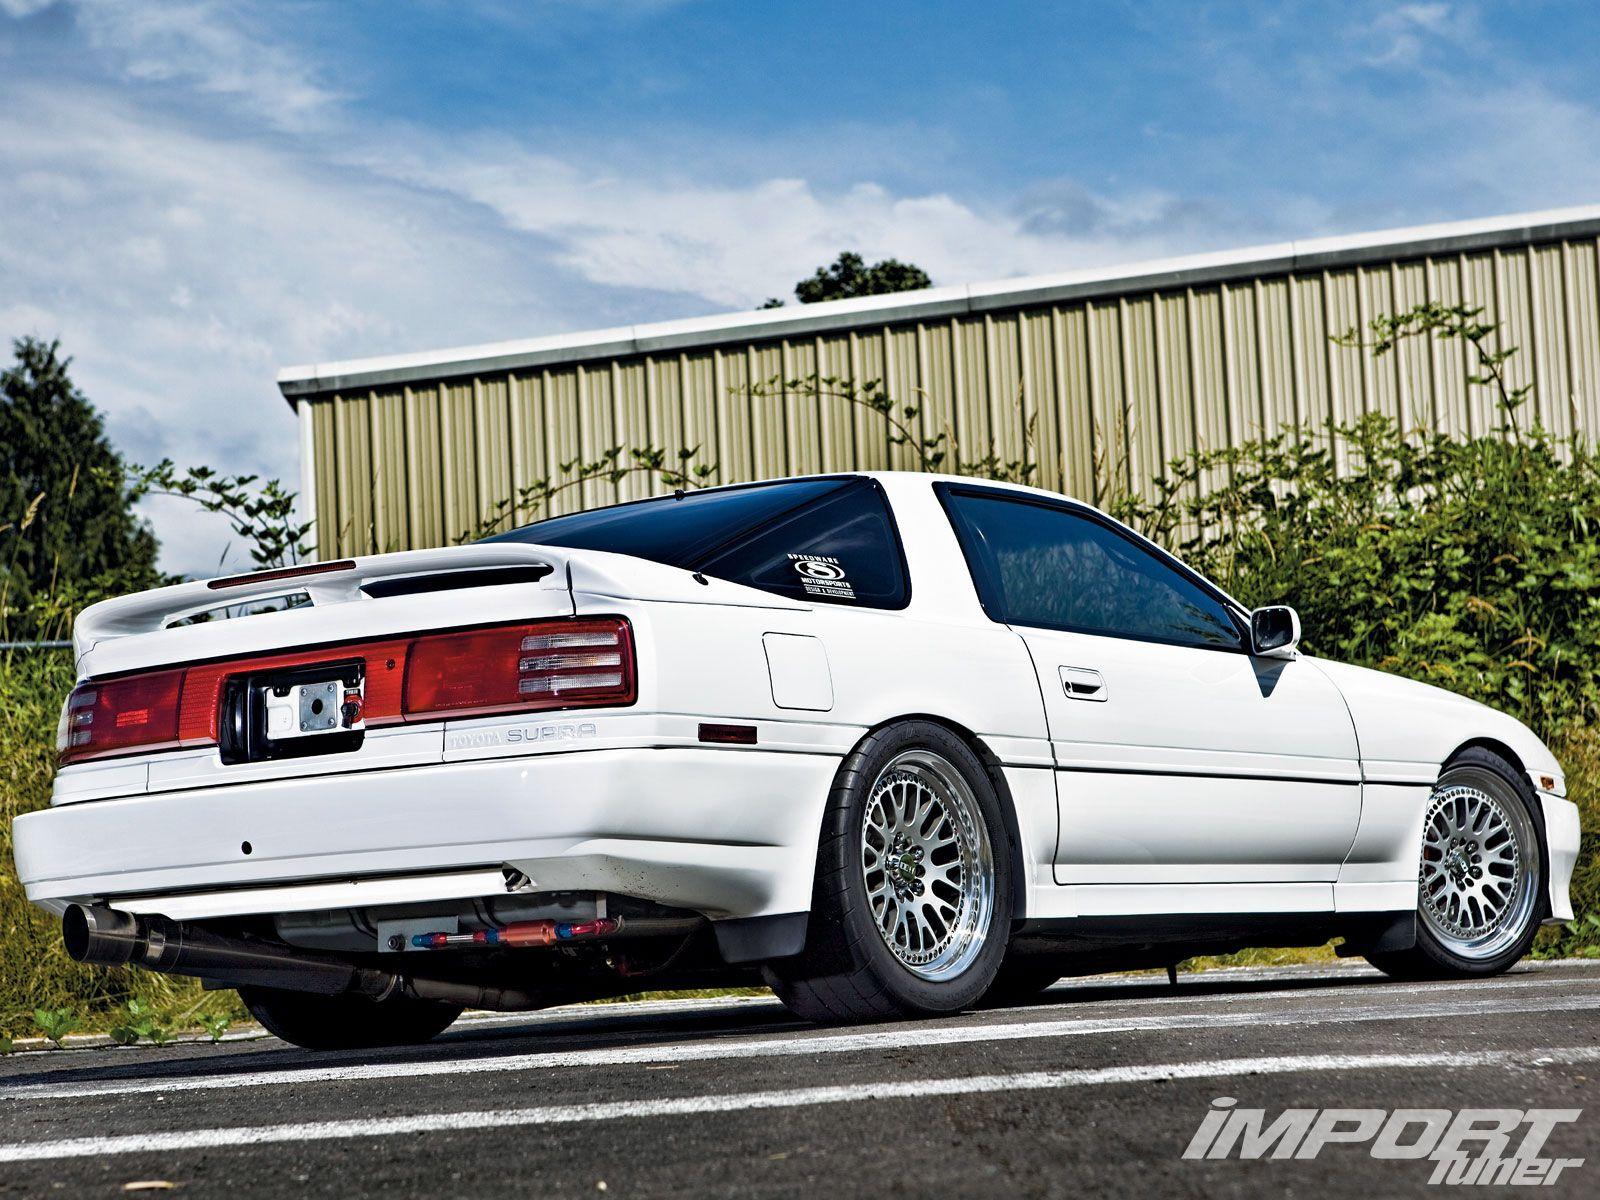 1989 Toyota Supra Turbo ... mine had better wheels. .js Man I ♥d that car!